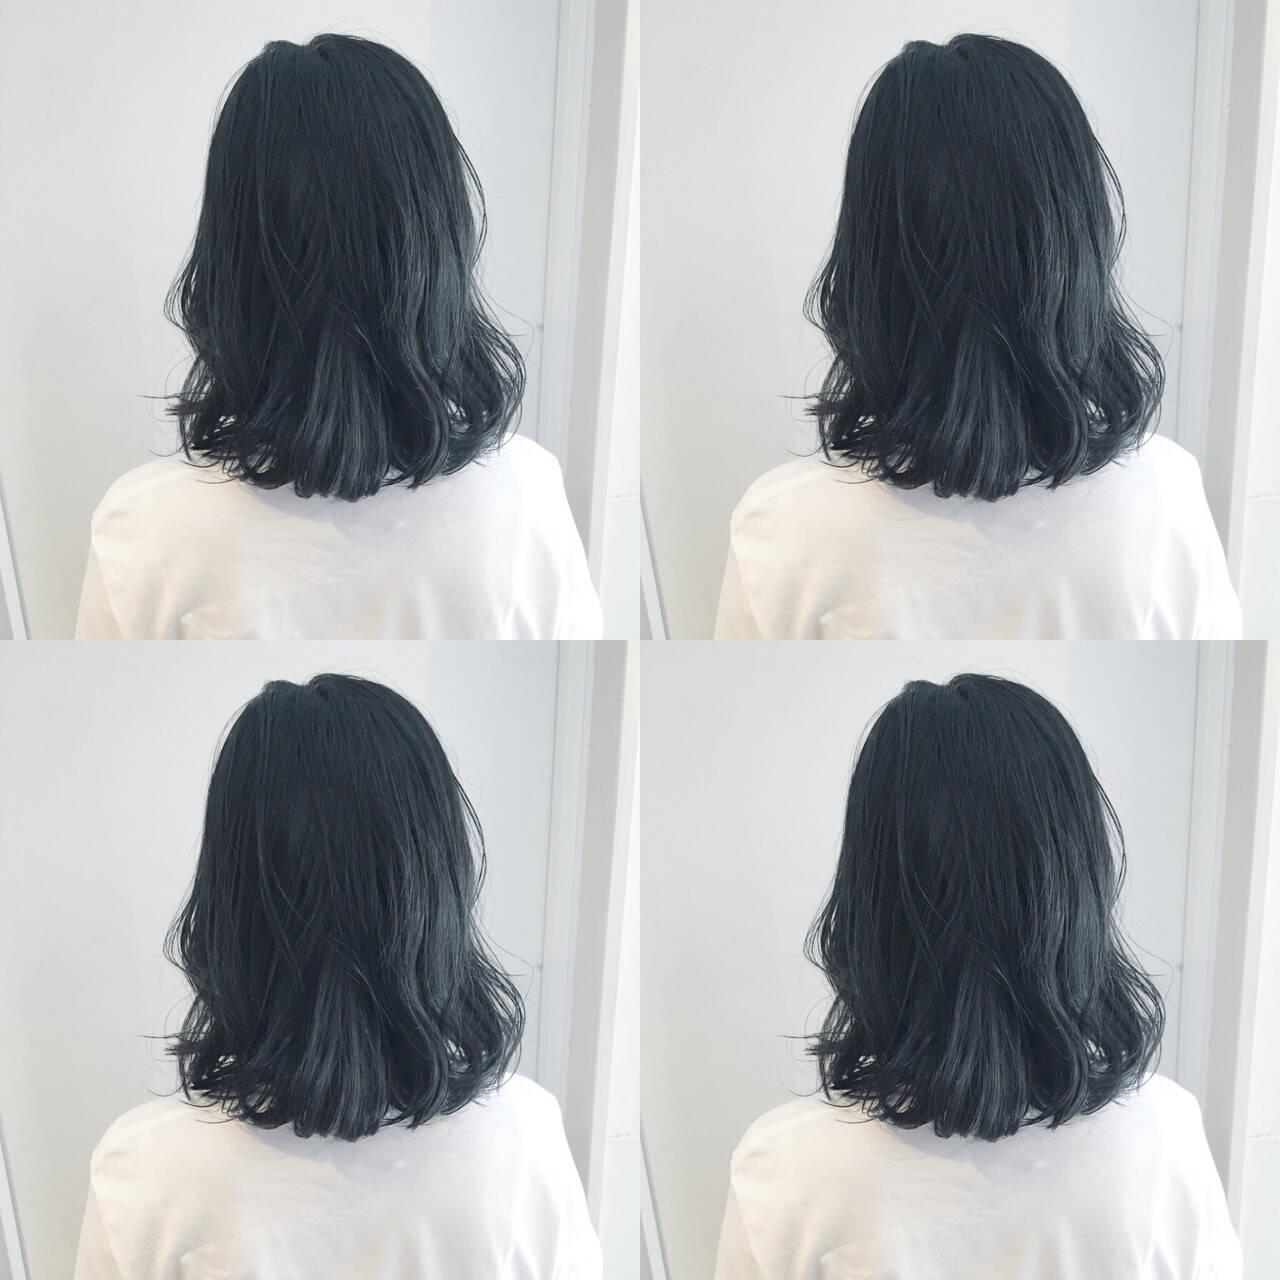 渋谷系 ナチュラル ミディアム オルチャンヘアスタイルや髪型の写真・画像